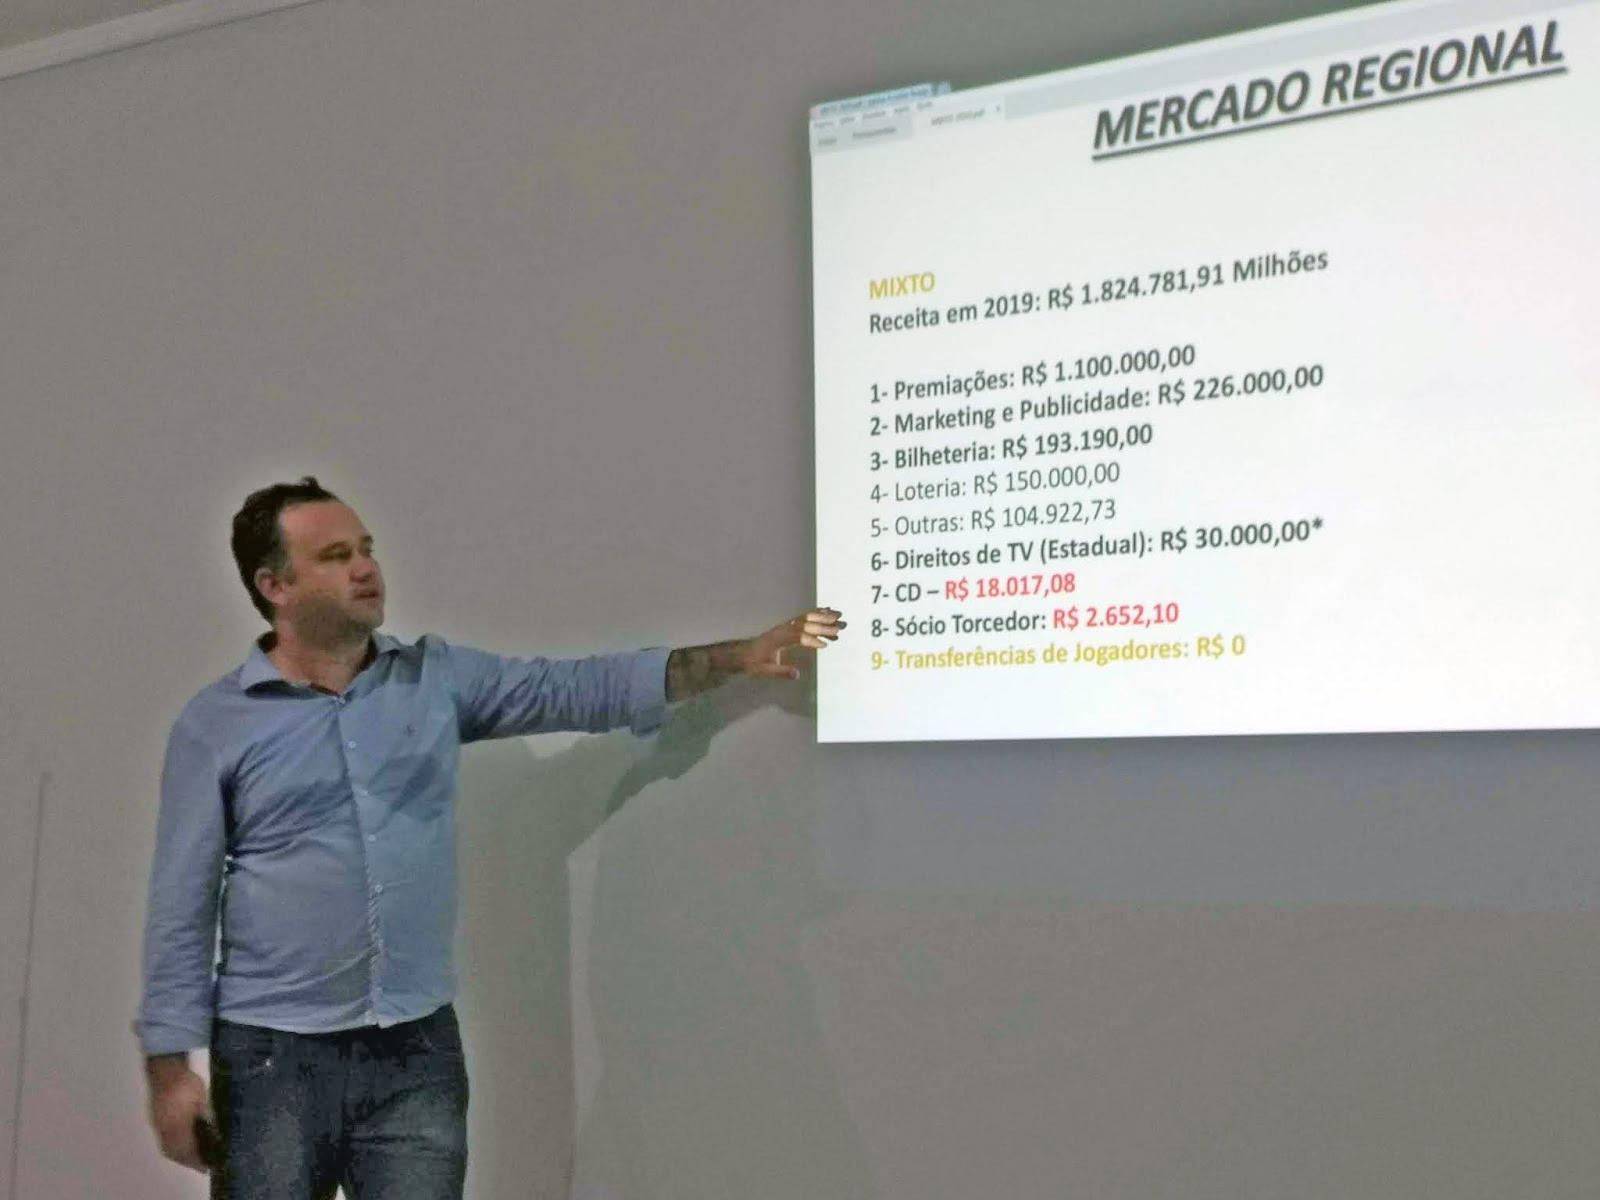 Advogado Vinicius Falcão